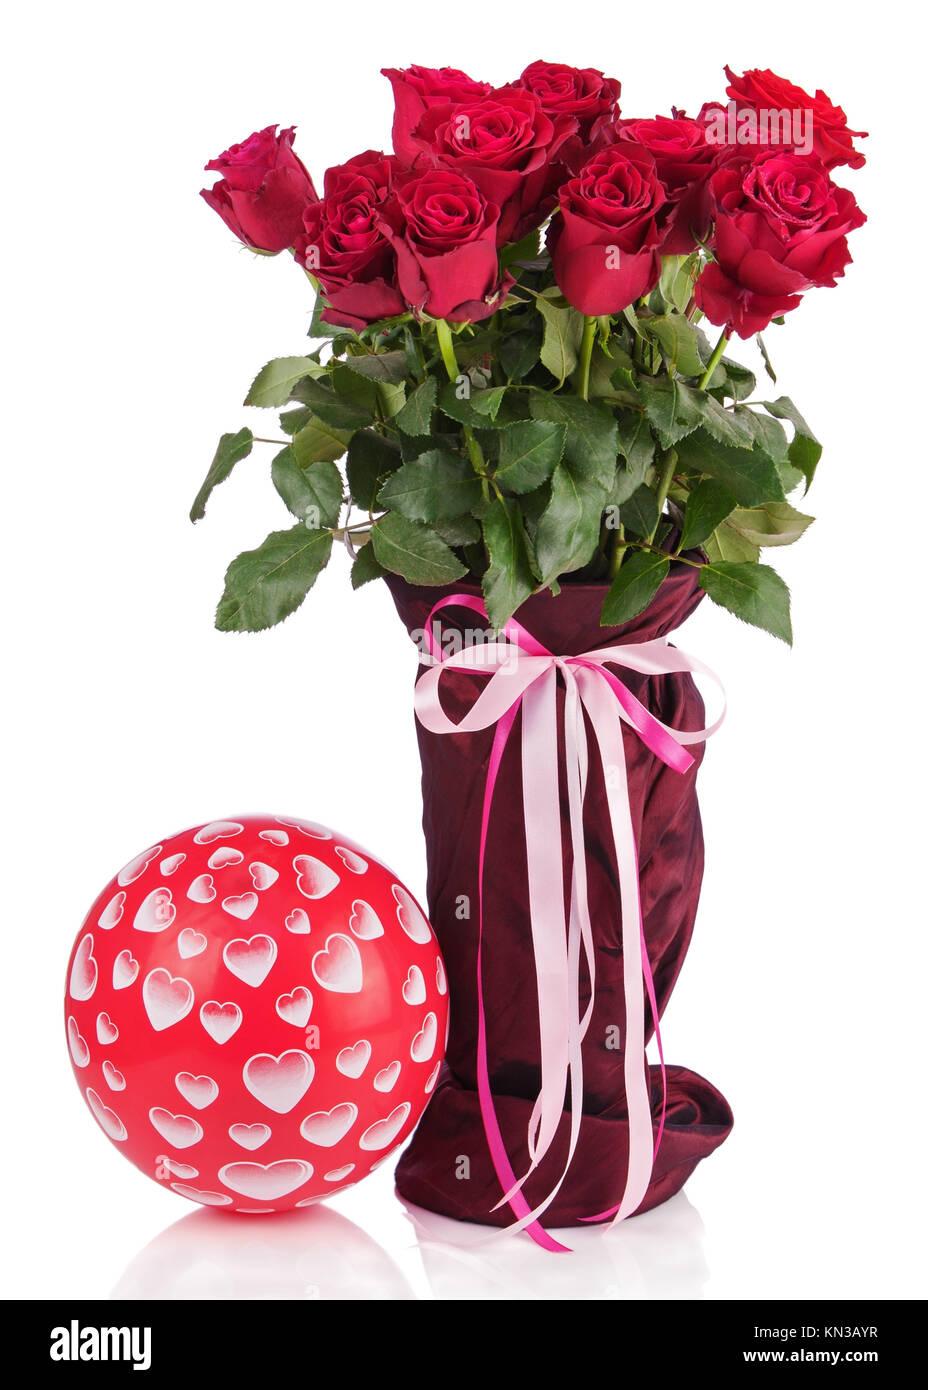 Balloon Bouquet Stock Photos & Balloon Bouquet Stock Images - Alamy